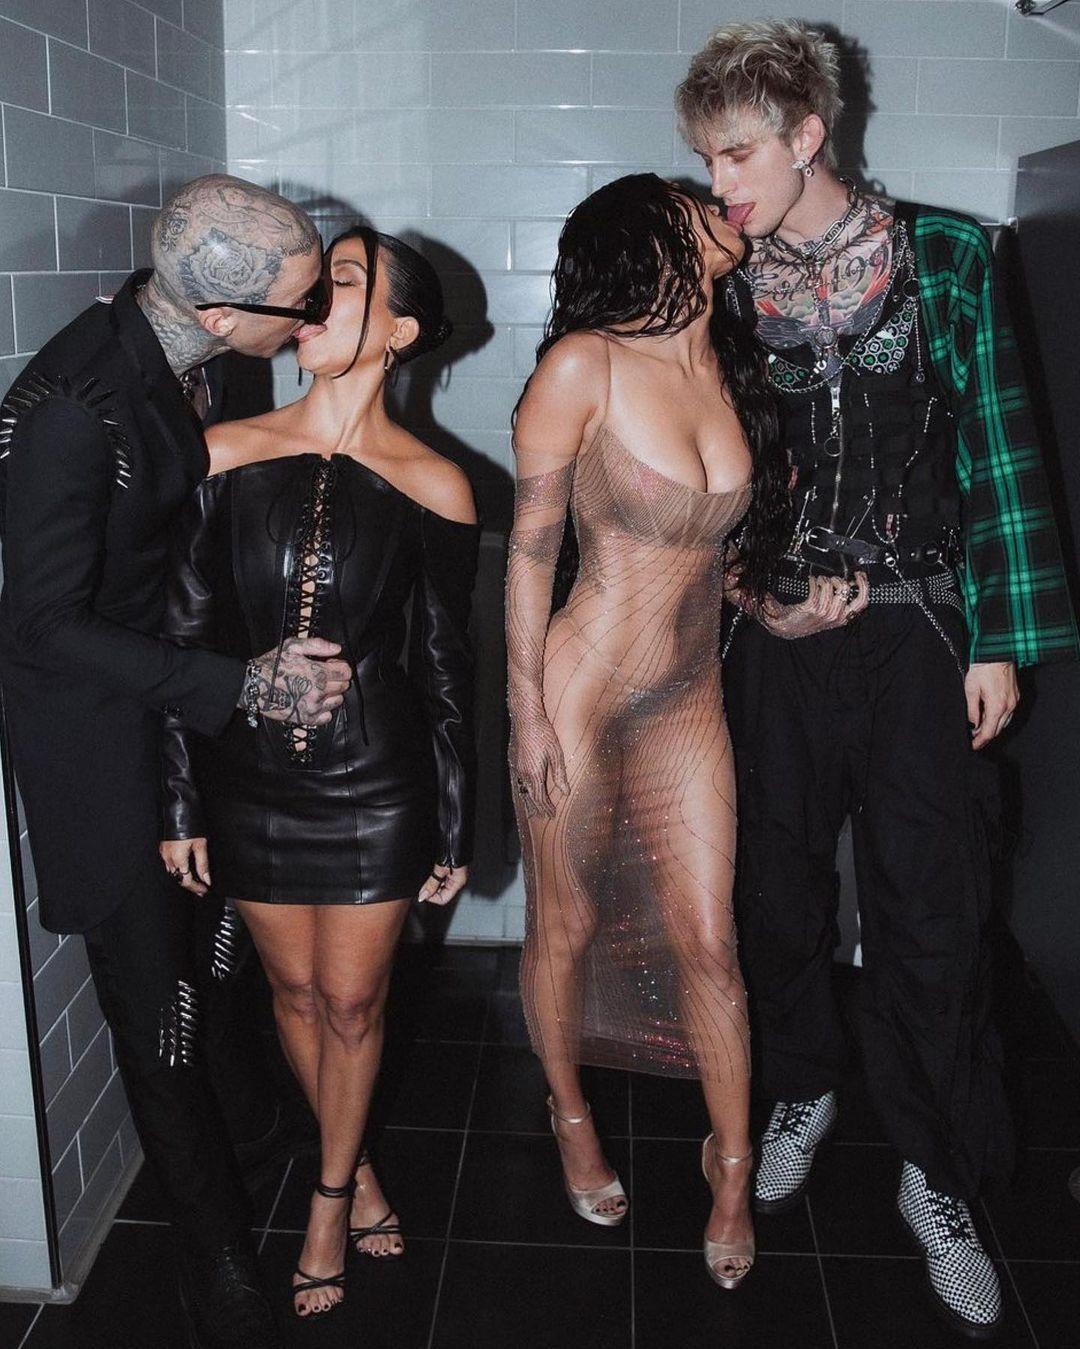 Кортни Кардашьян поделилась пикантными фото целующихся около писсуаров Меган Фокс и MGK